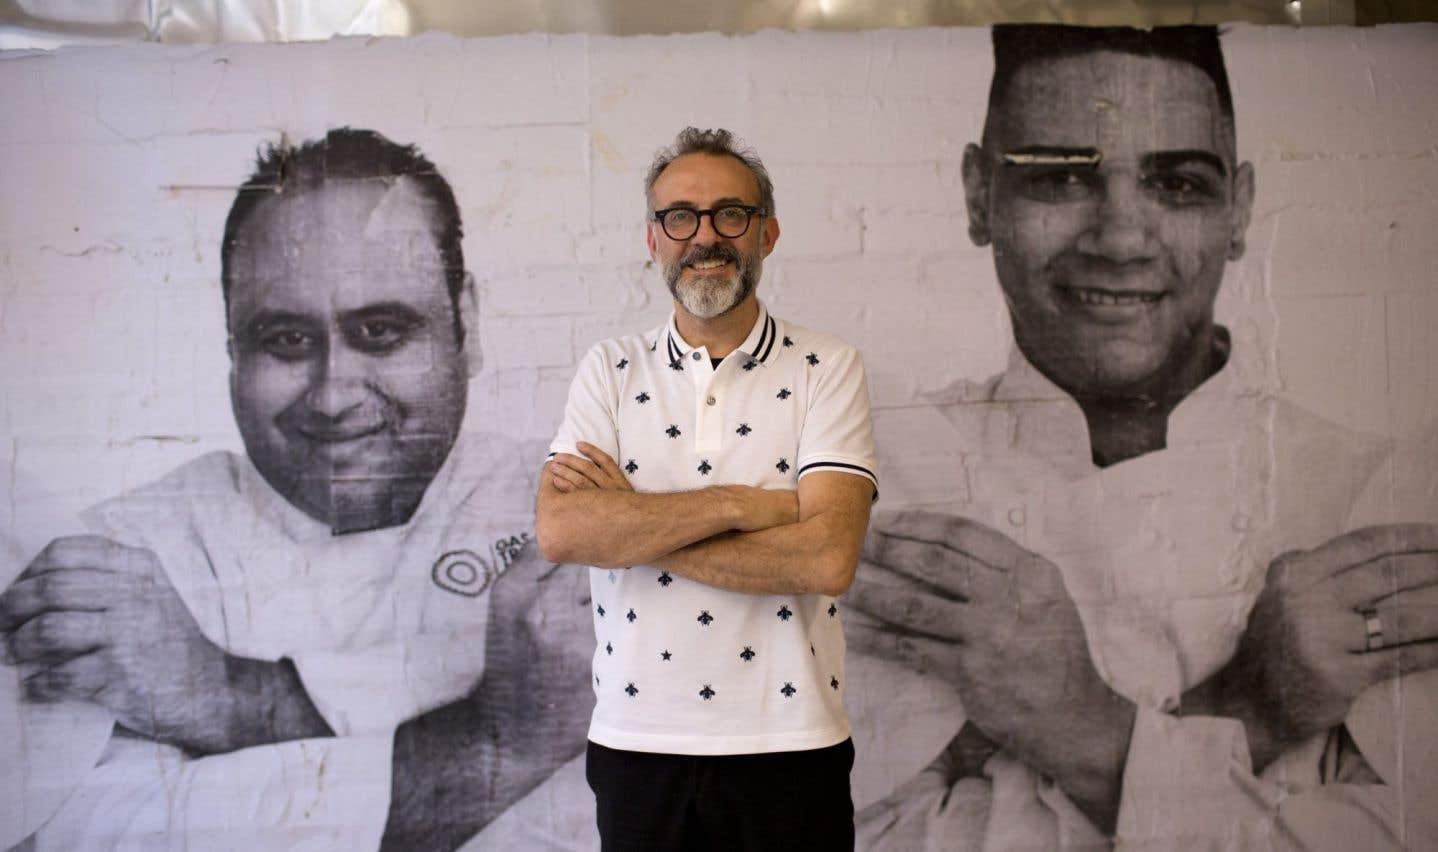 Massimo Bottura est le chef du restaurant Osteria Francescana, un trois étoiles Michelin à Modène, en Italie.